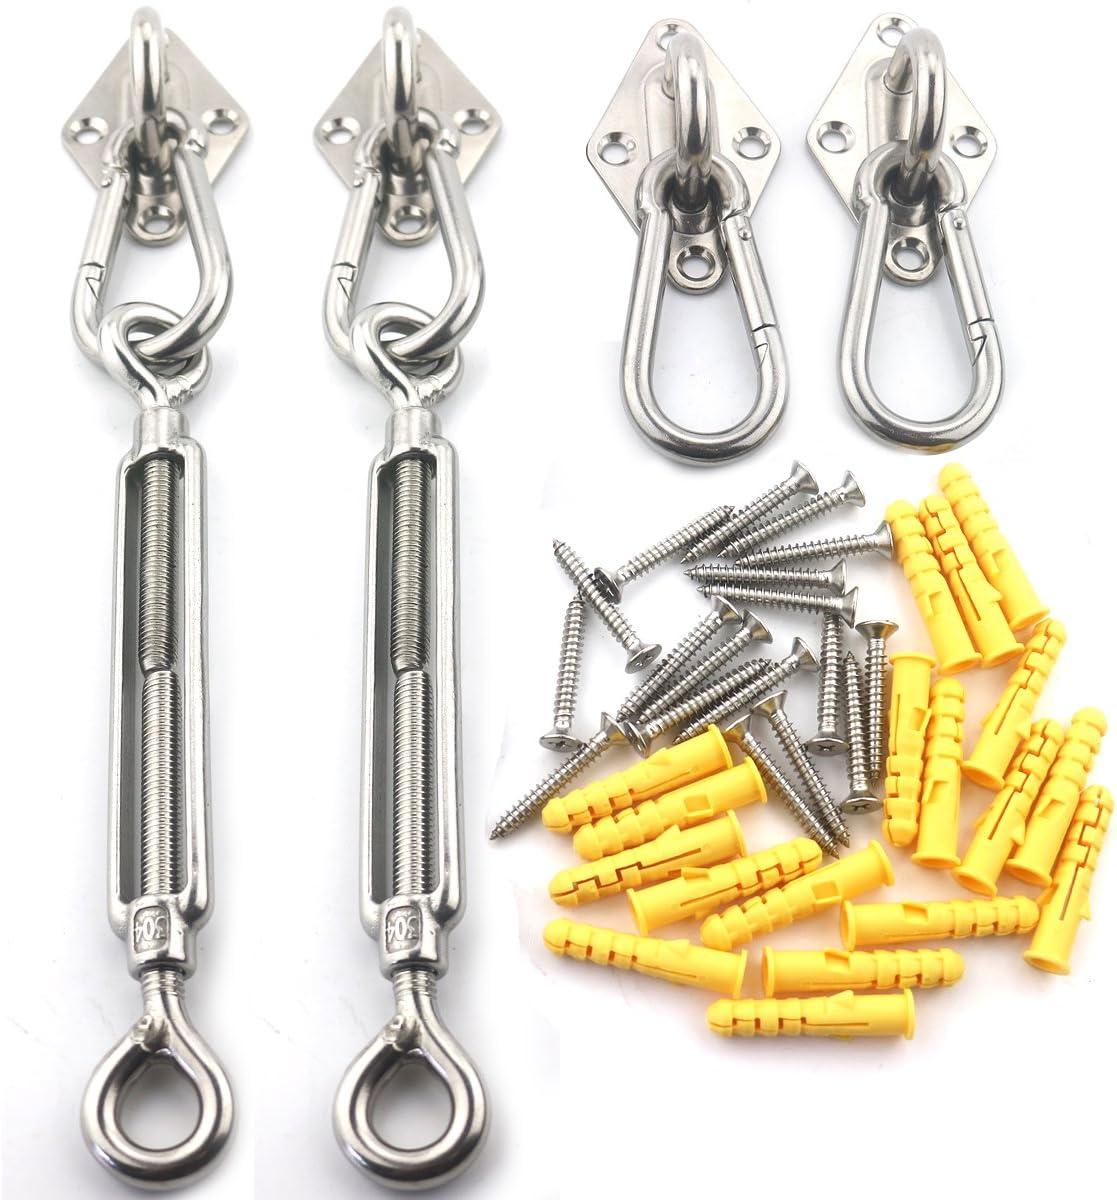 Morzejar Kit de fijaci/ón de toldo resistente de acero inoxidable 304 juego de accesorios de instalaci/ón para toldos tri/ángulo y cuadrado kit de accesorios de instalaci/ón de 40 piezas